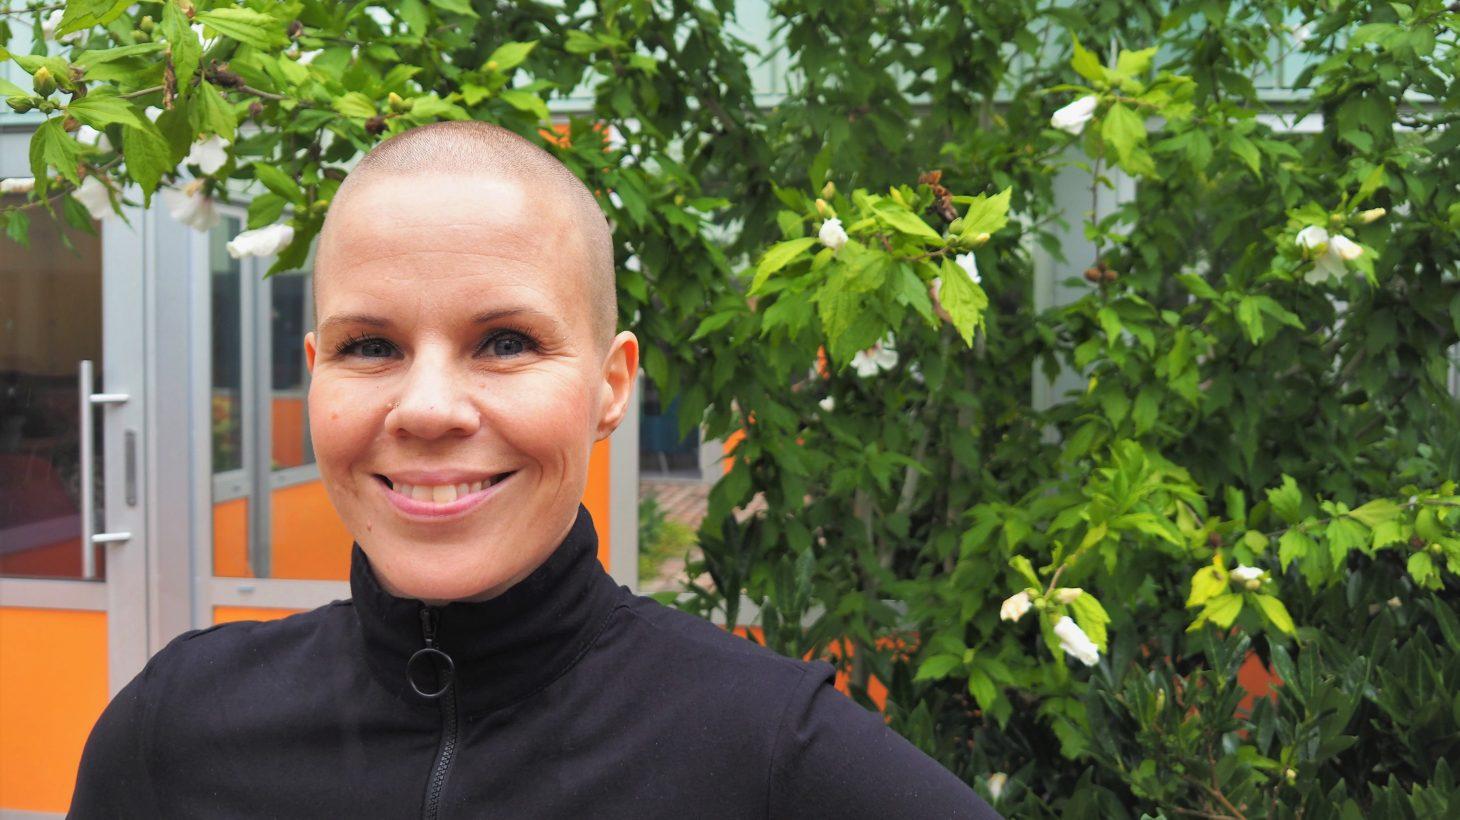 Lina Wegendal, skolbilbiotekarie för Oxievångsskolan F-6.